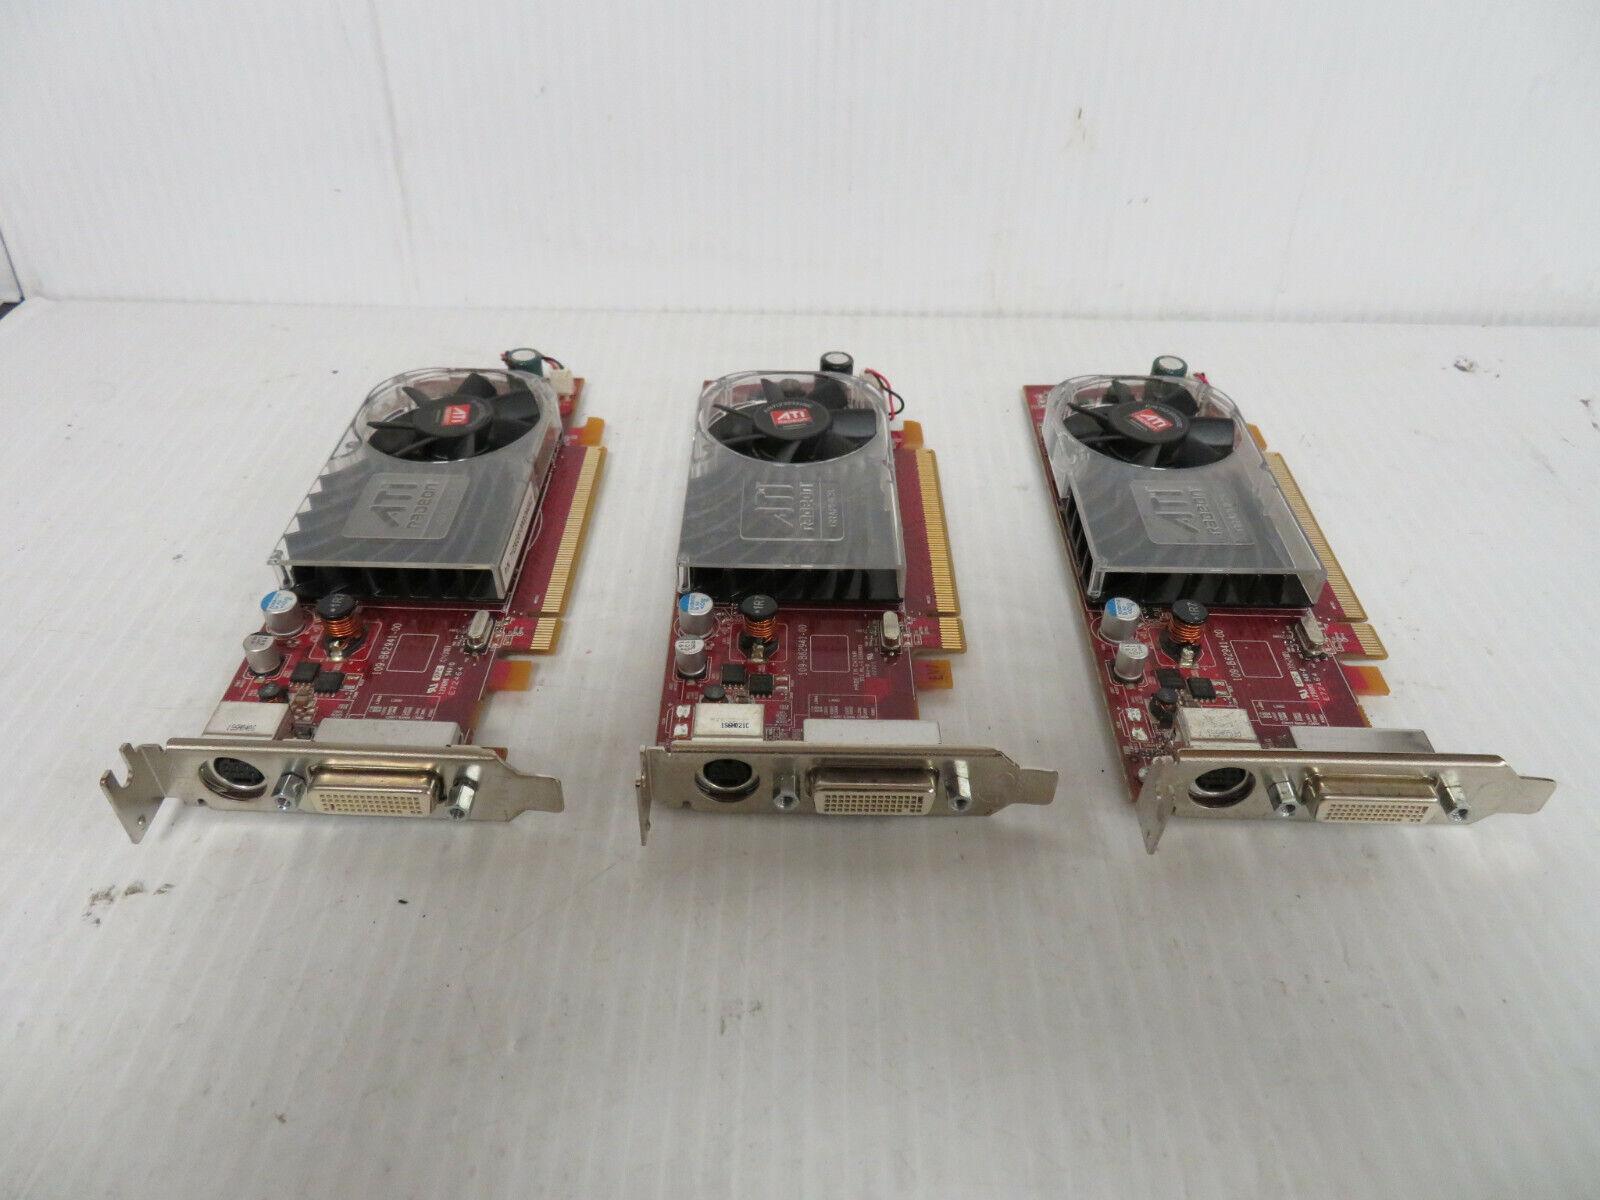 Lot of 3 Dell AMD HD 3450 780 Dual Monitor Video Graphics Card PCI-e SFF ATI